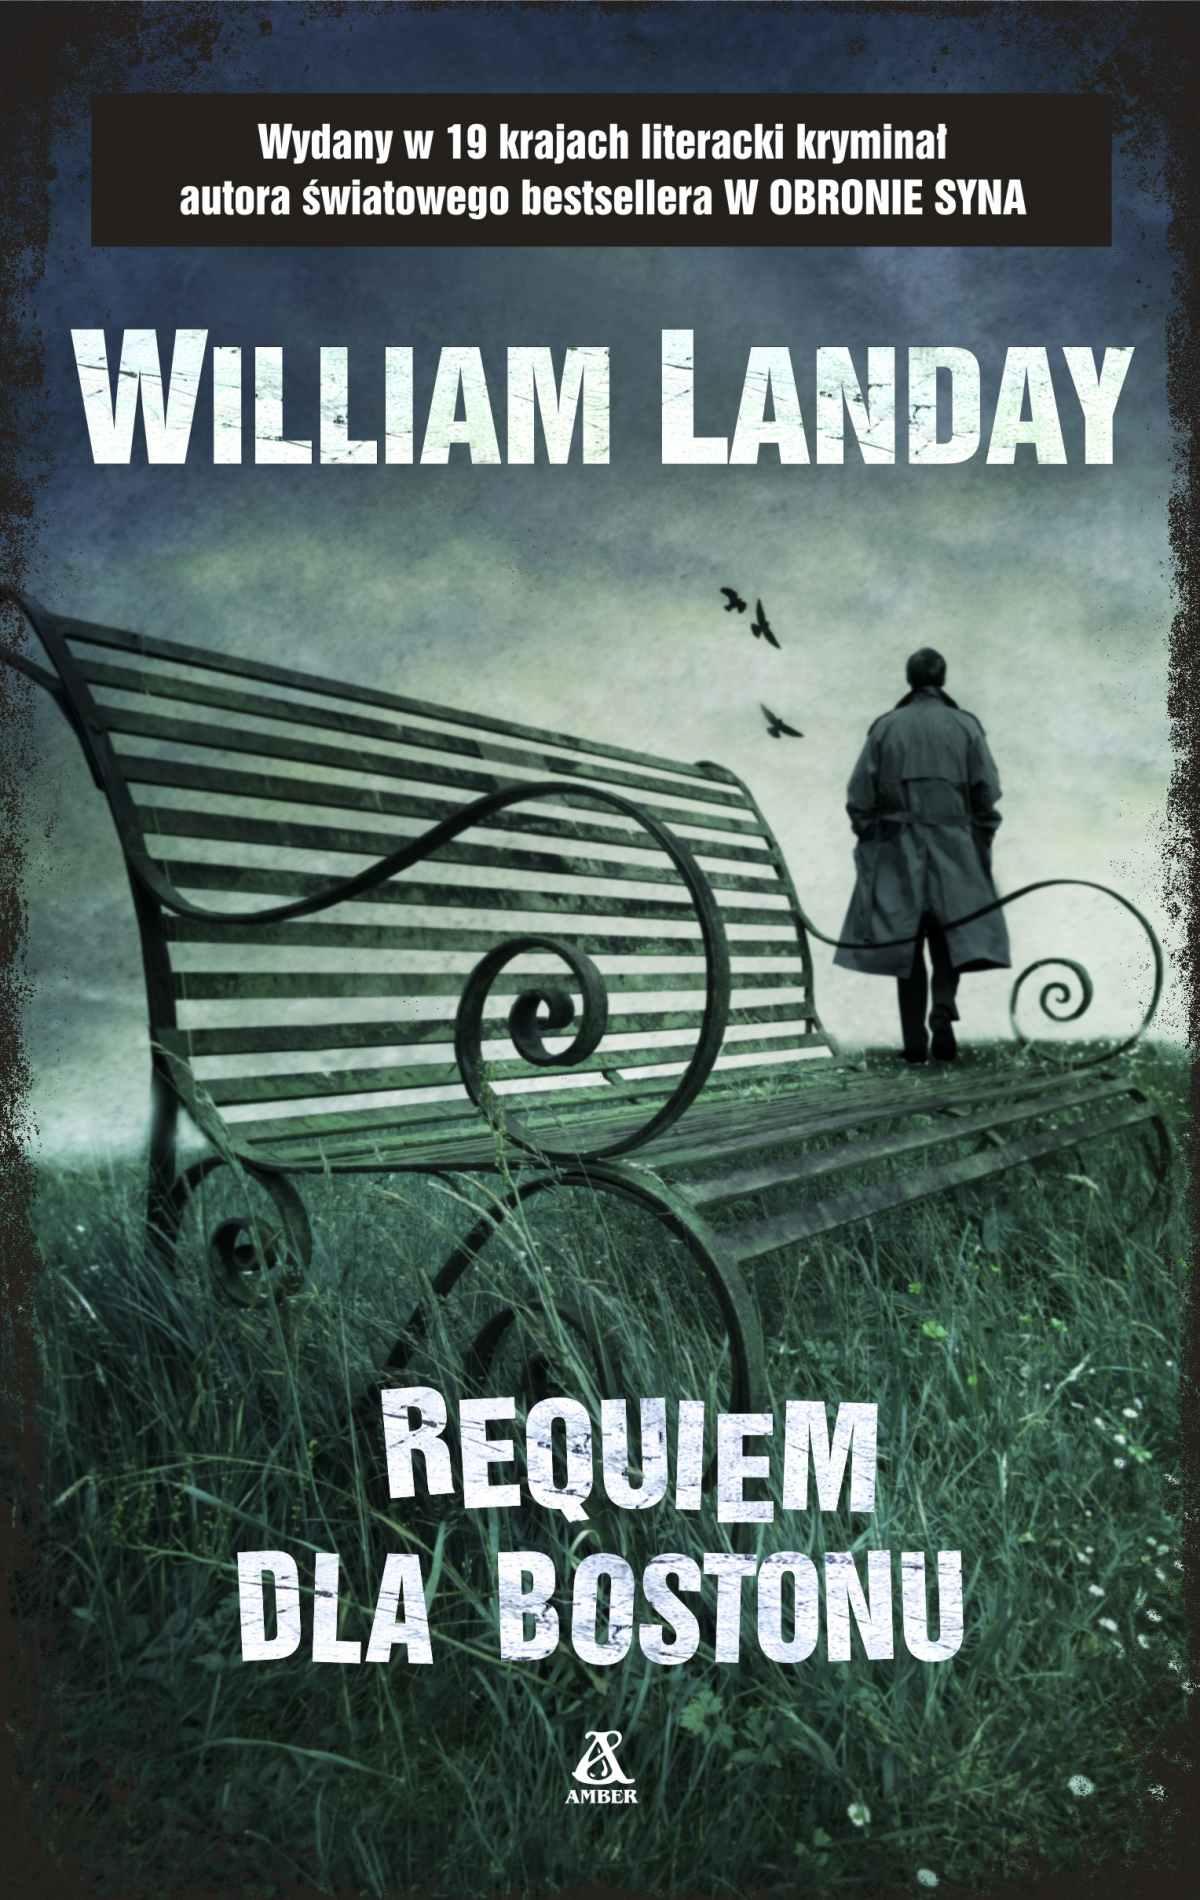 Requiem dla Bostonu - Ebook (Książka EPUB) do pobrania w formacie EPUB